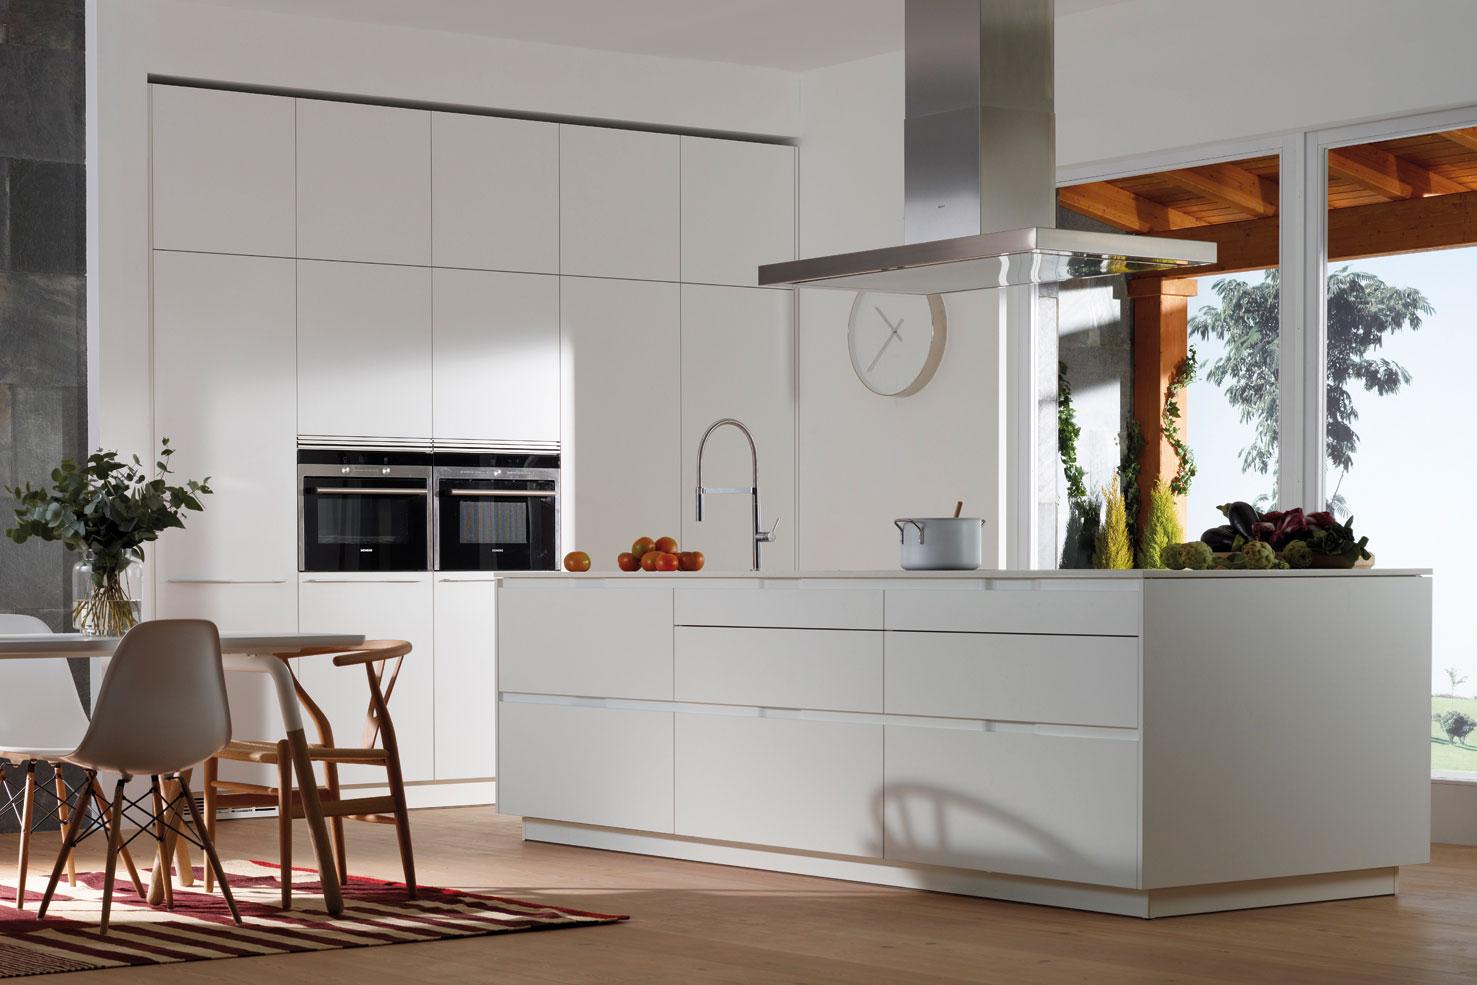 Campanas extractoras de cocina c mo acertar cocinas santos santiago interiores - Campanas de cocina ...